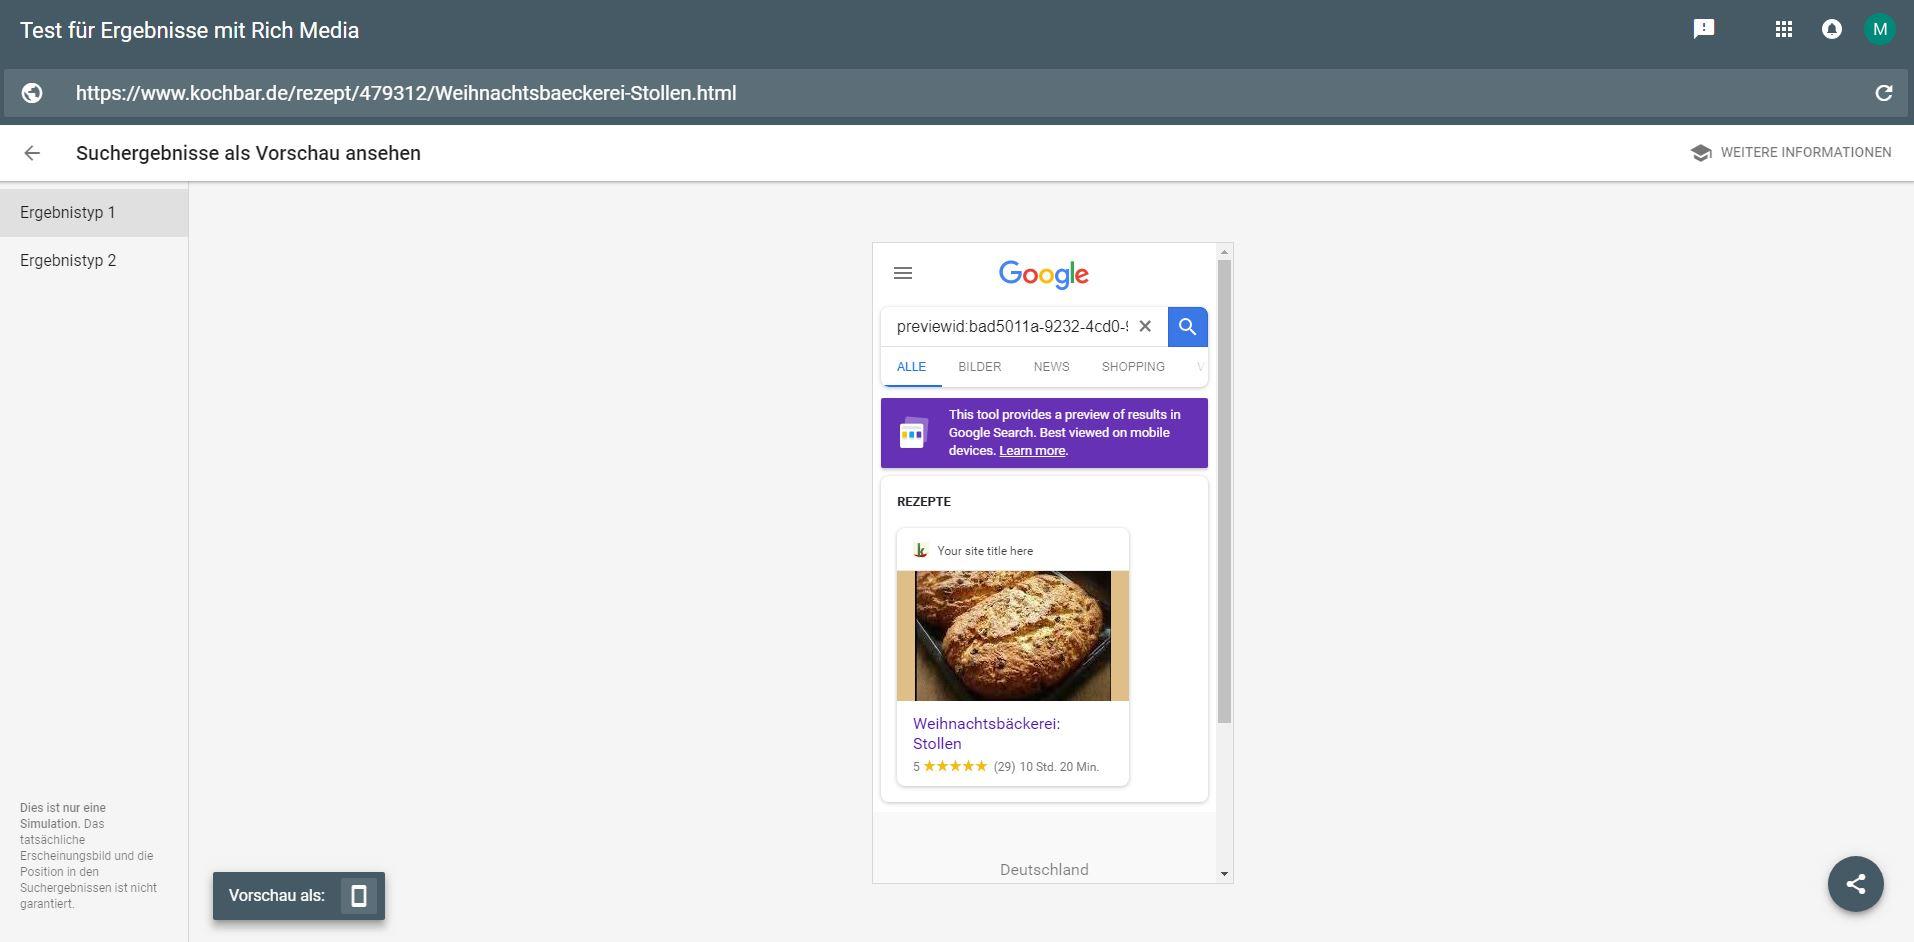 Test für Ergebnisse mit Rich Media - Preview Funktion in Google Search Console